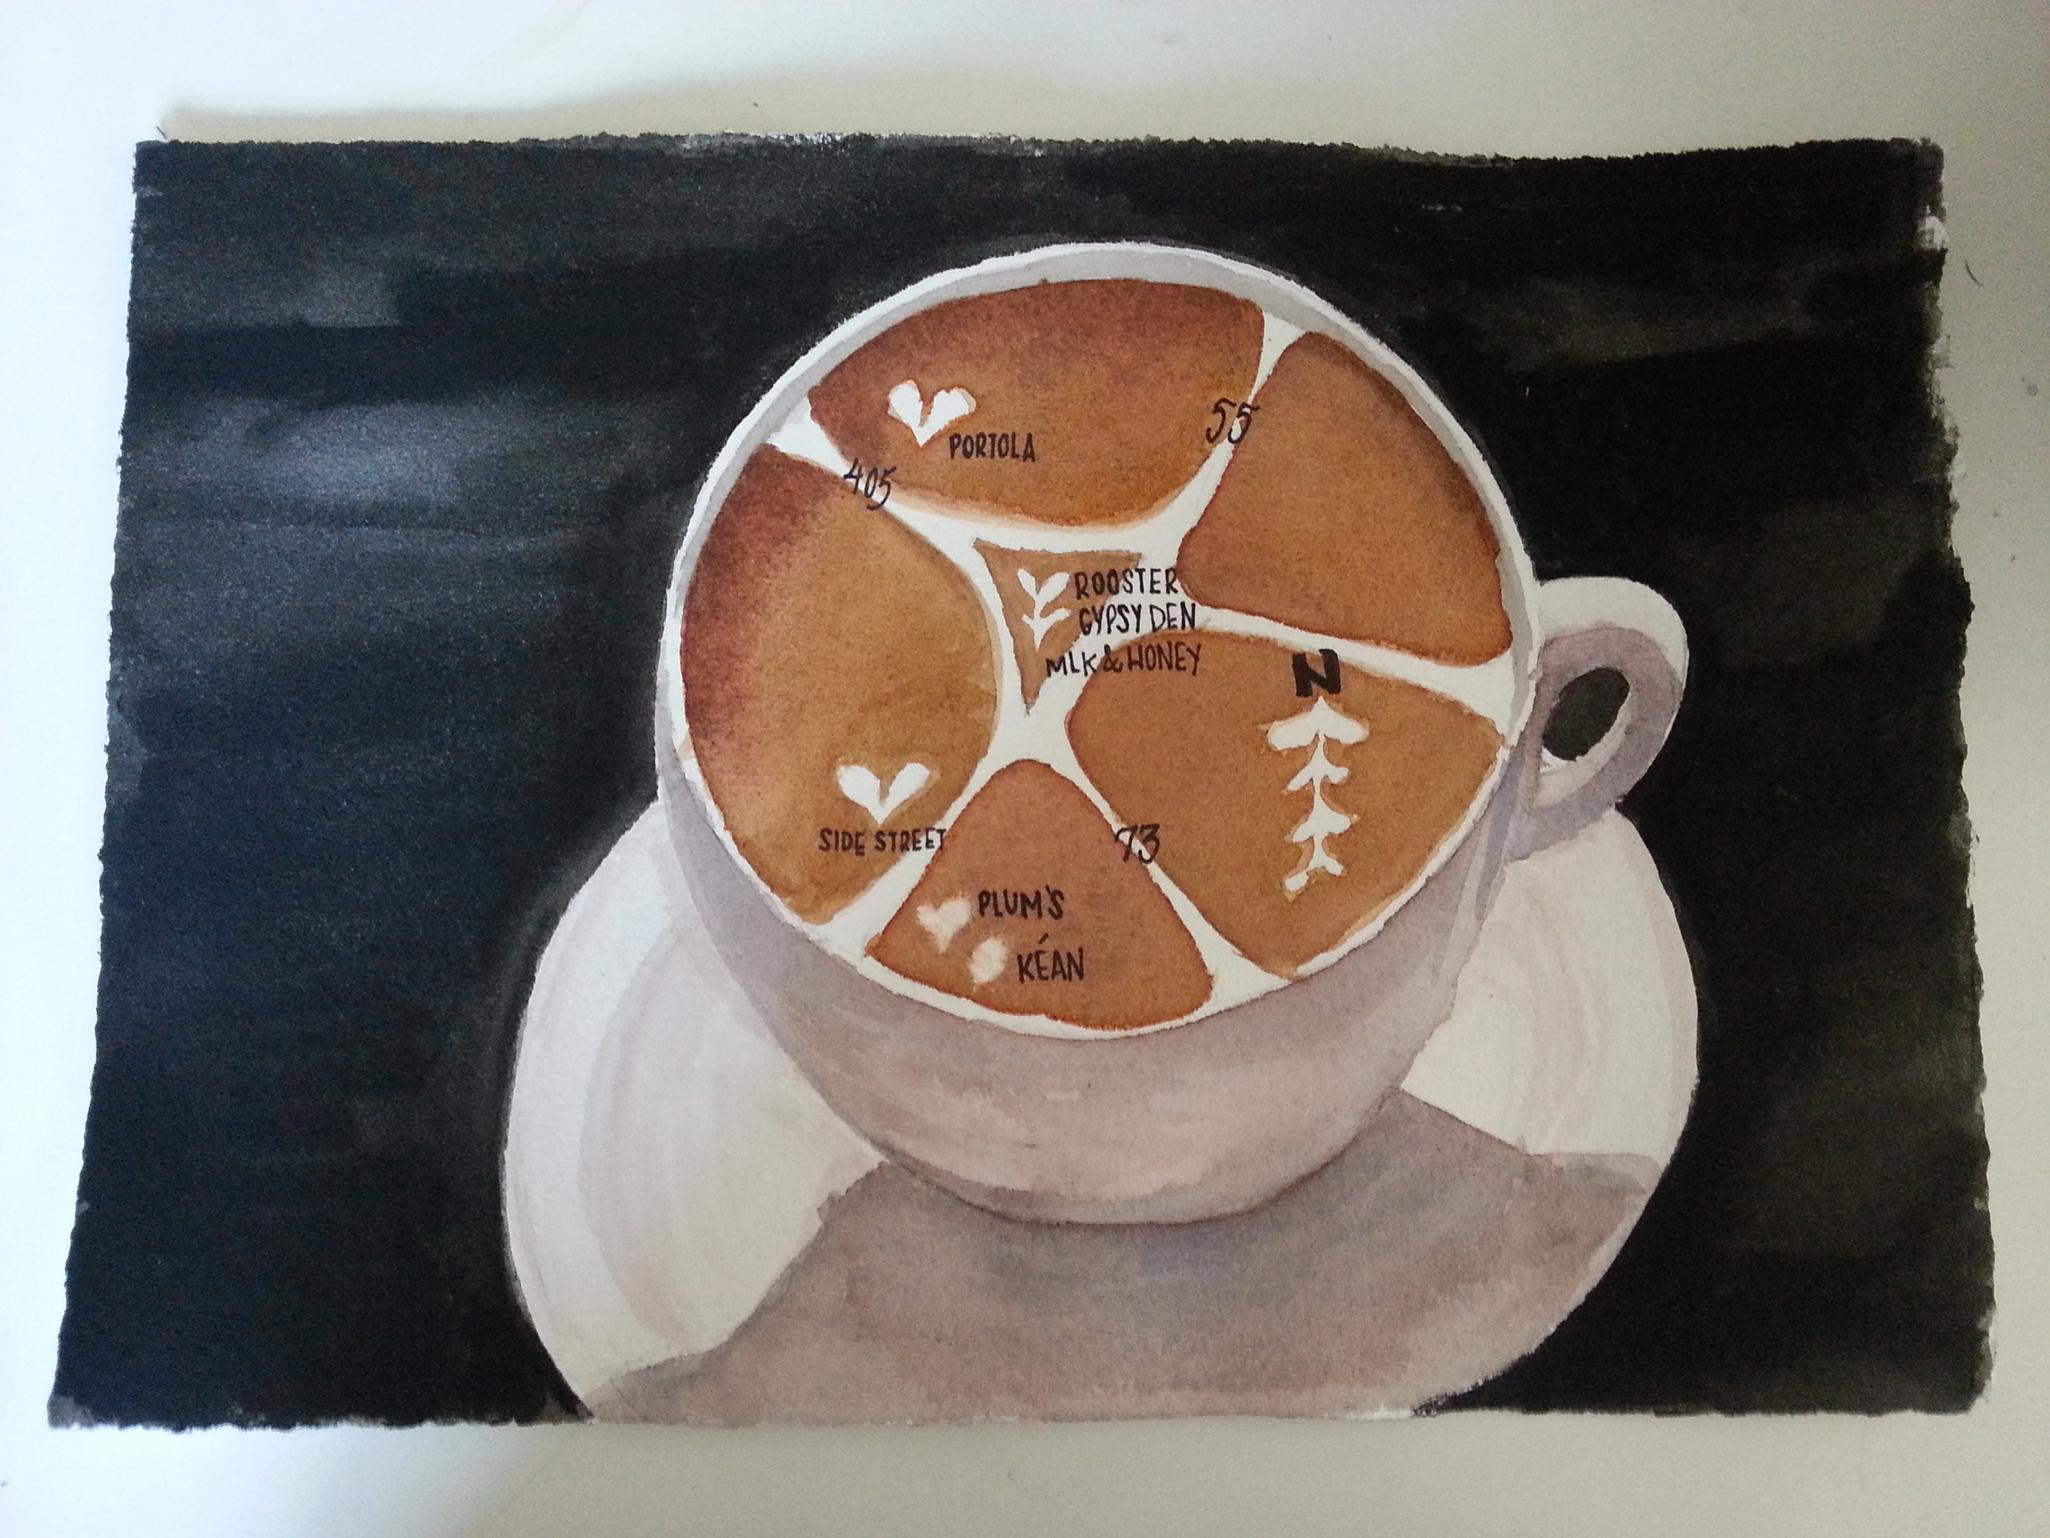 le tour de cafe - image 7 - student project